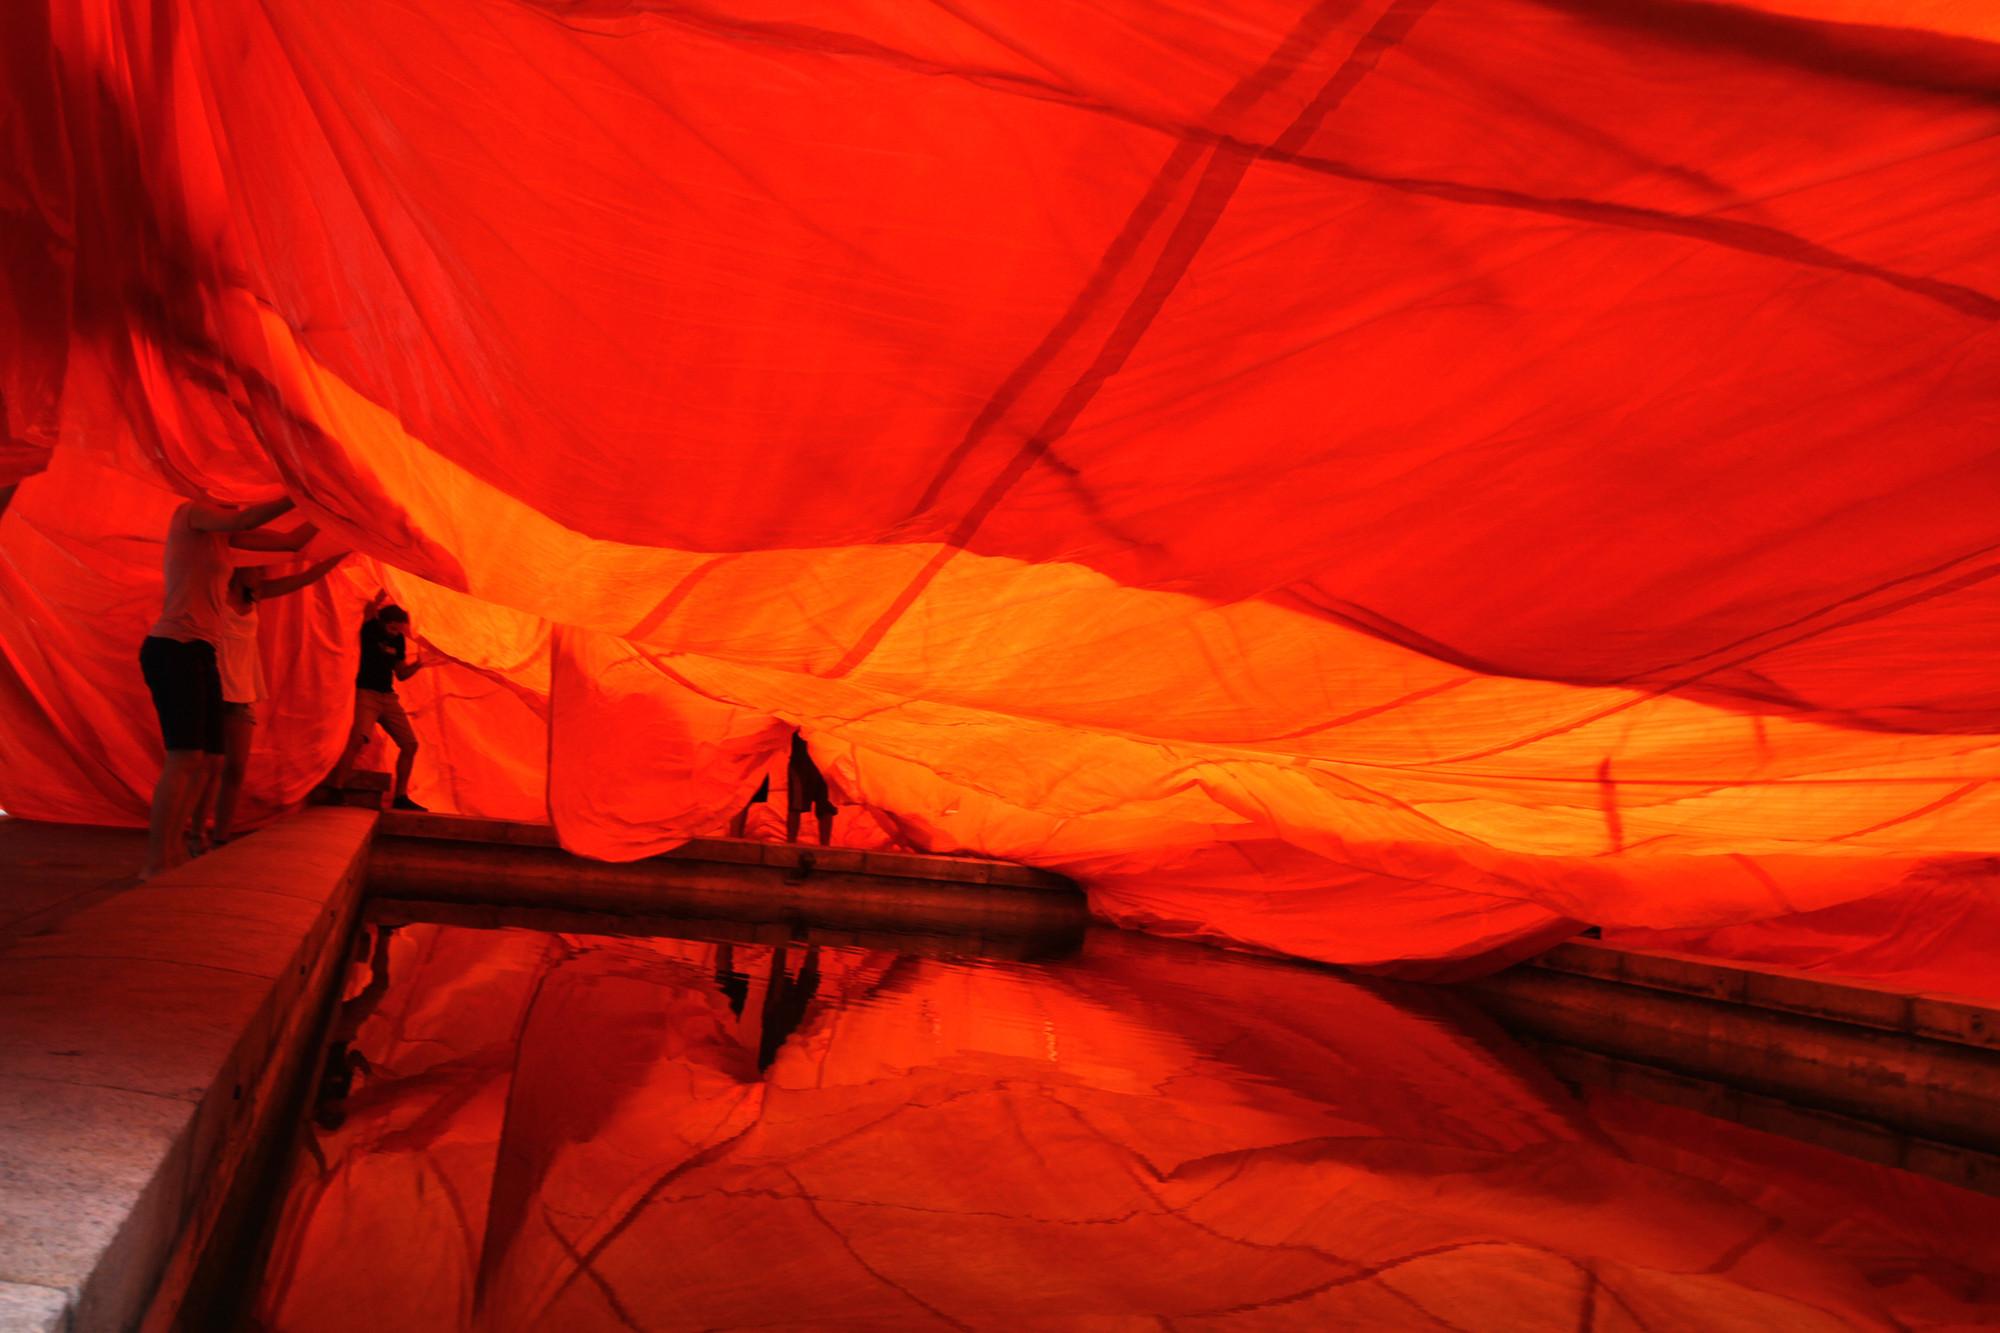 Parque Lage. Image Cortesia de Peniques productions